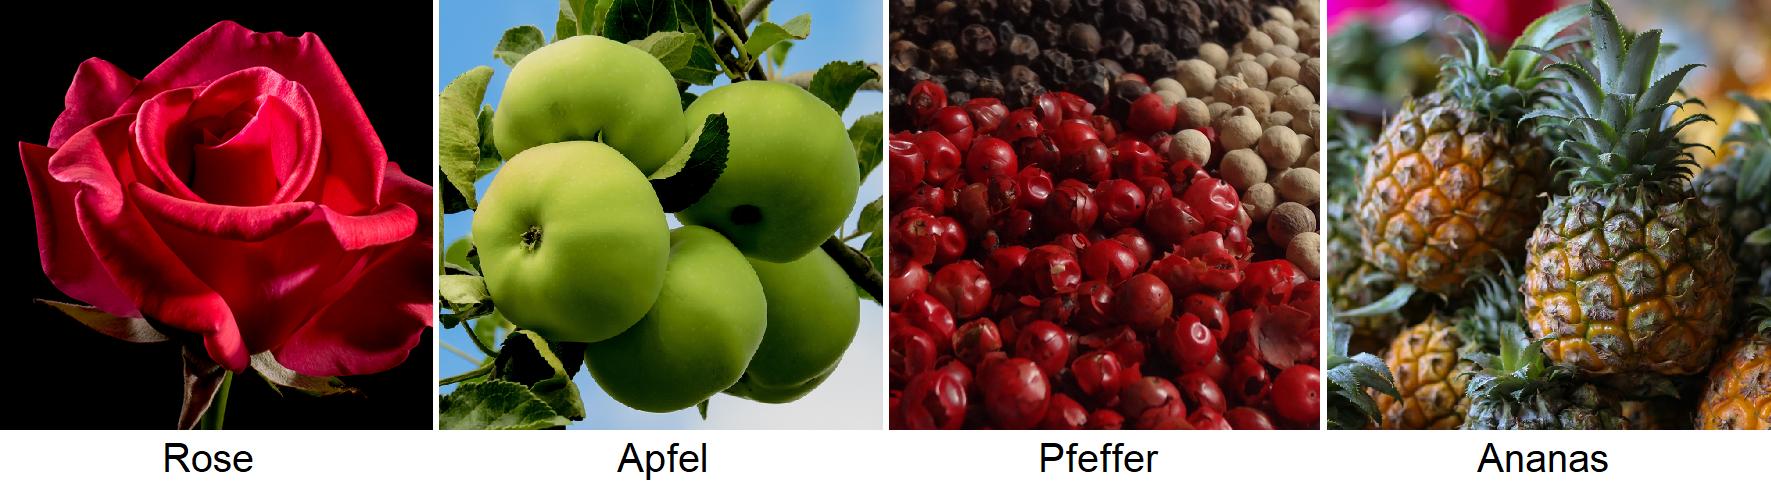 Flavorings - rose, apple, pepper, pineapple